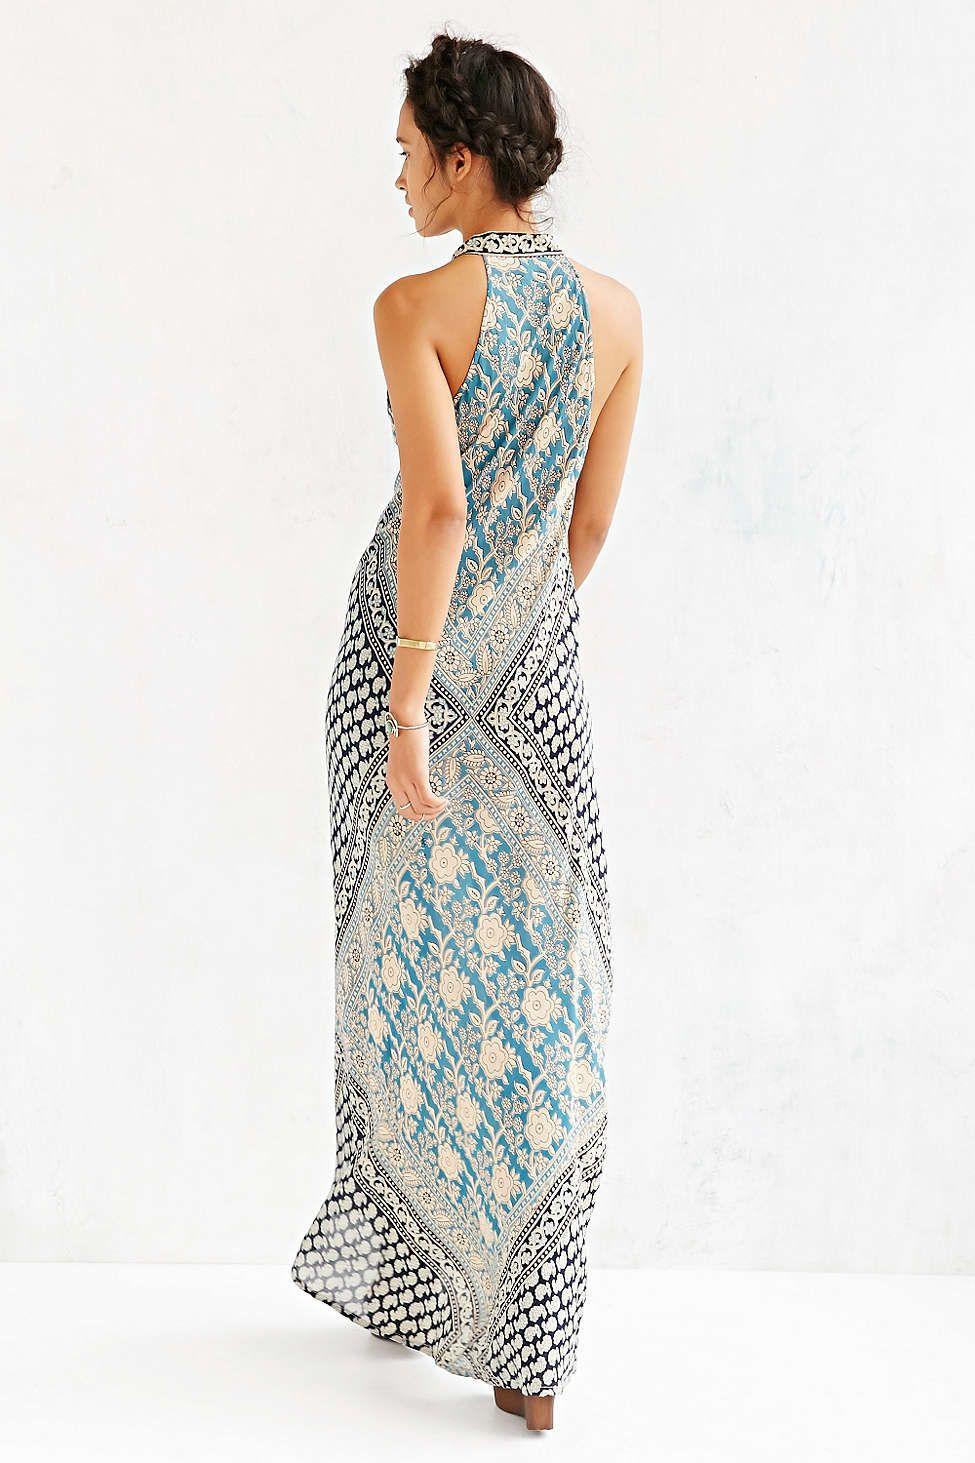 Raga Blue Moon Maxi Dress - Urban Outfitters